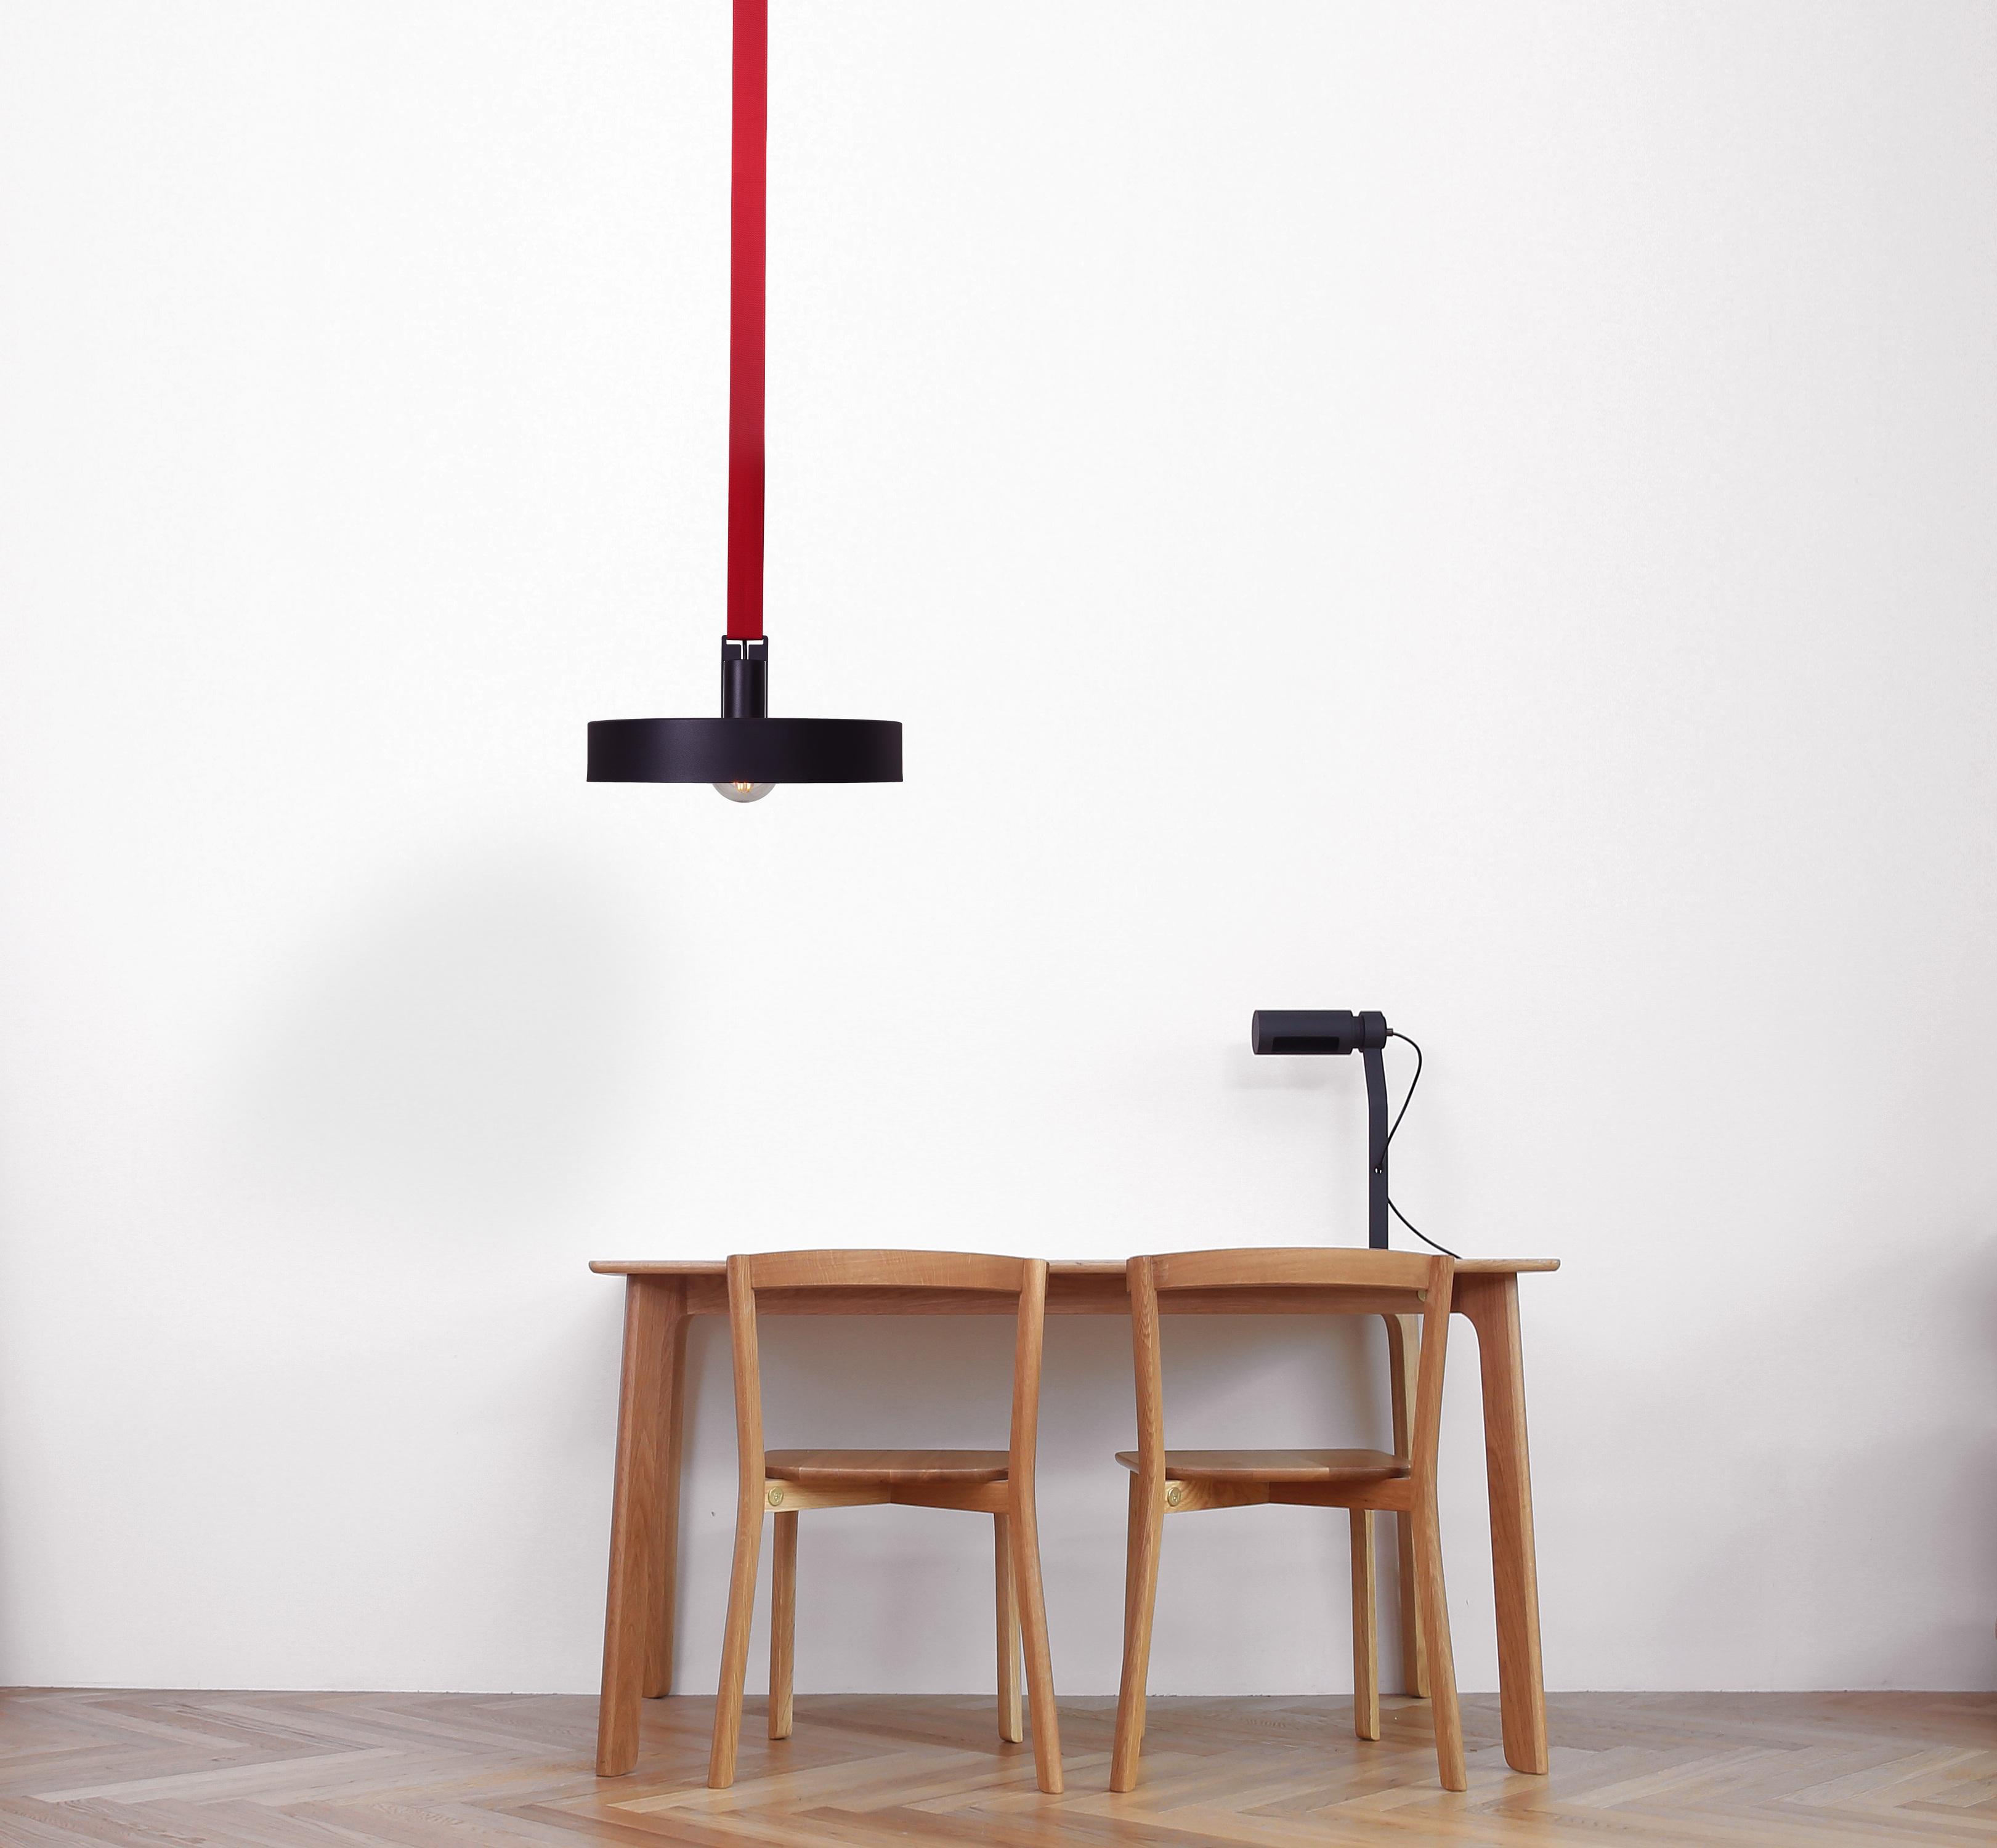 interior design furniture images. Meja Kayu Kursi Lantai Rak Lampu Mebel Penerangan Desain Interior Produk Bentuk Pencahayaan Design Furniture Images